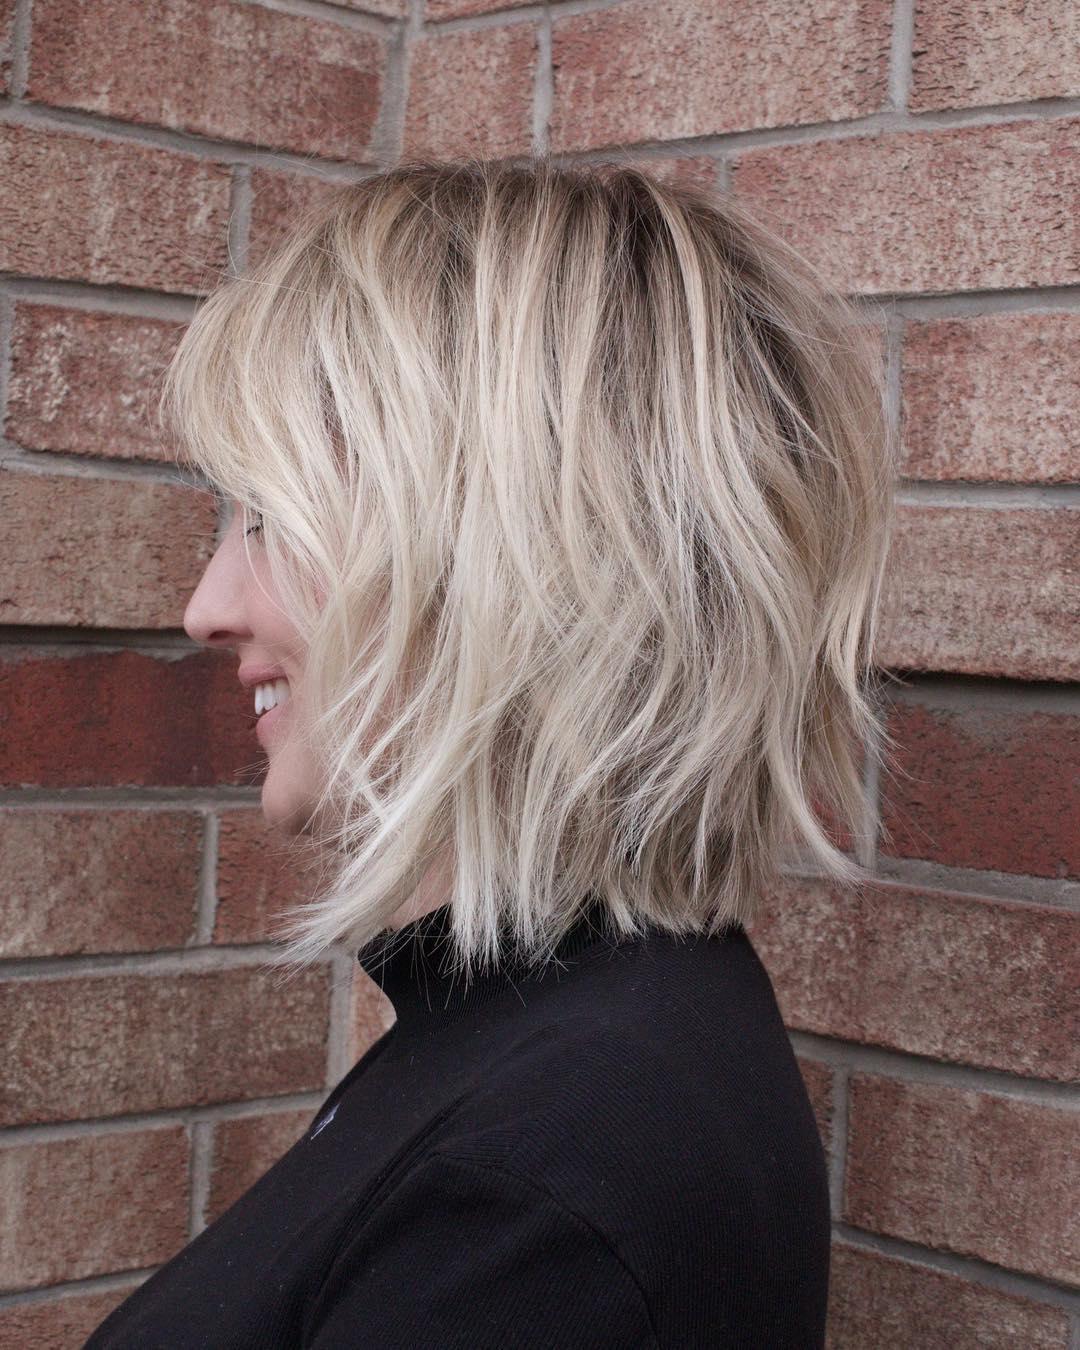 Pretty and Convenient Medium Bob Hair Cuts - Female Bob Hairstyles